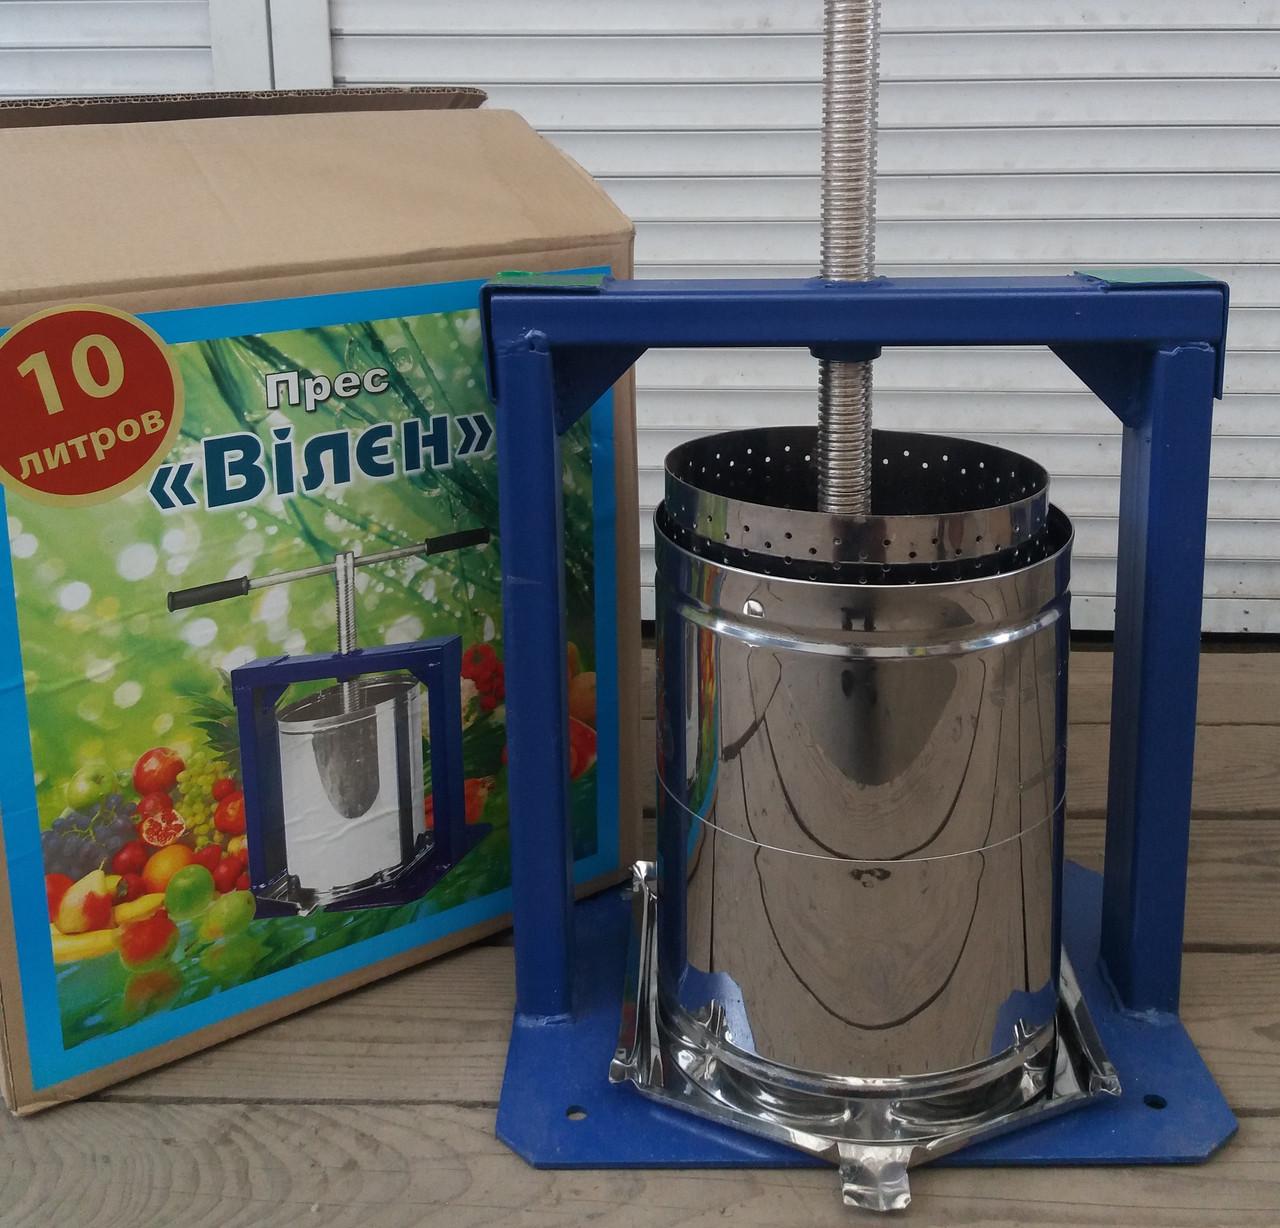 Ручной пресс для сока Вилен 10 литров